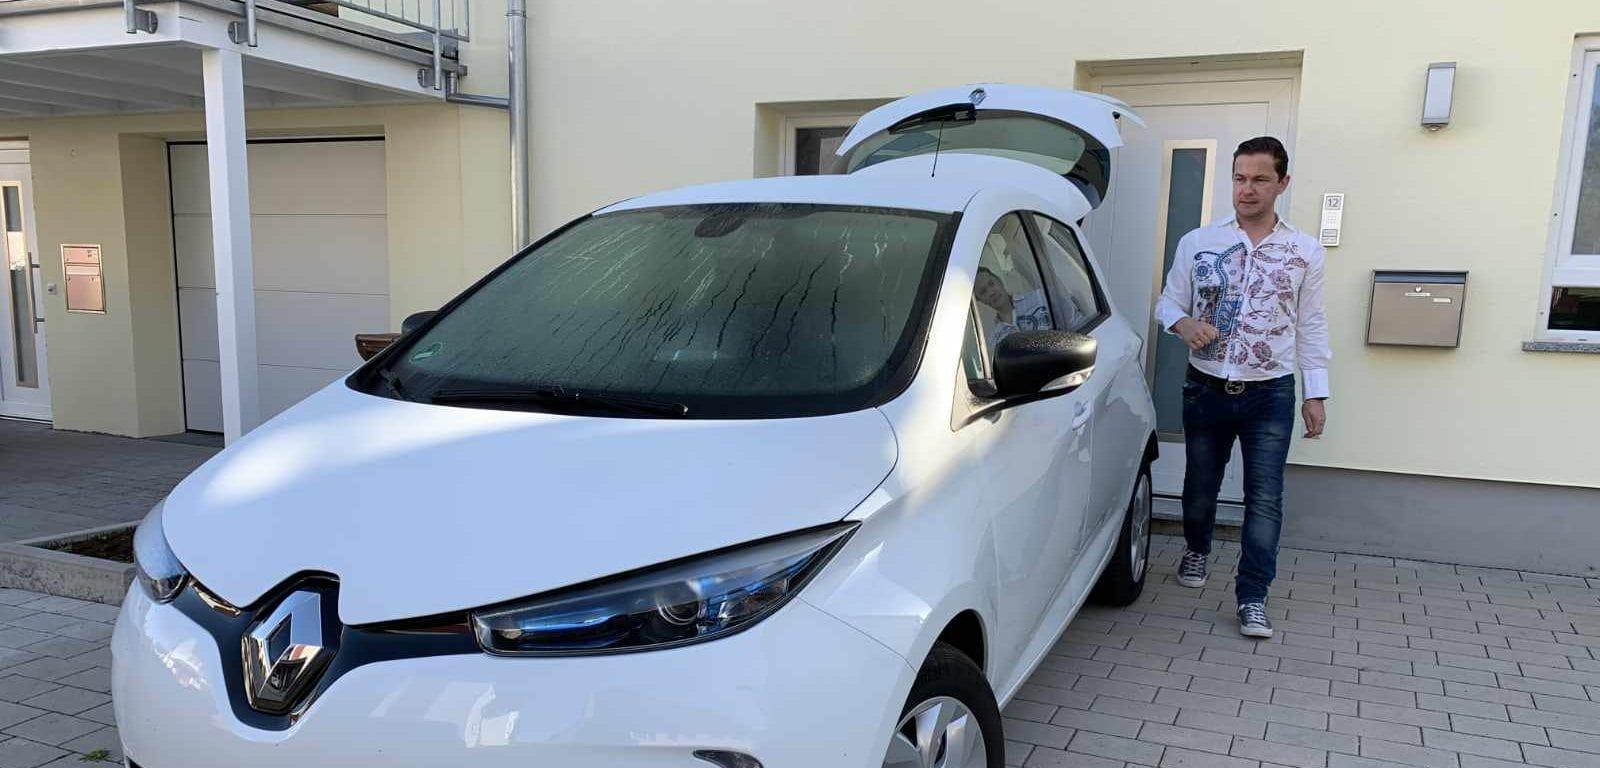 Kombination von BAFA-Umweltbonus und E-Gutschein für E-Mobility jetzt unmöglich